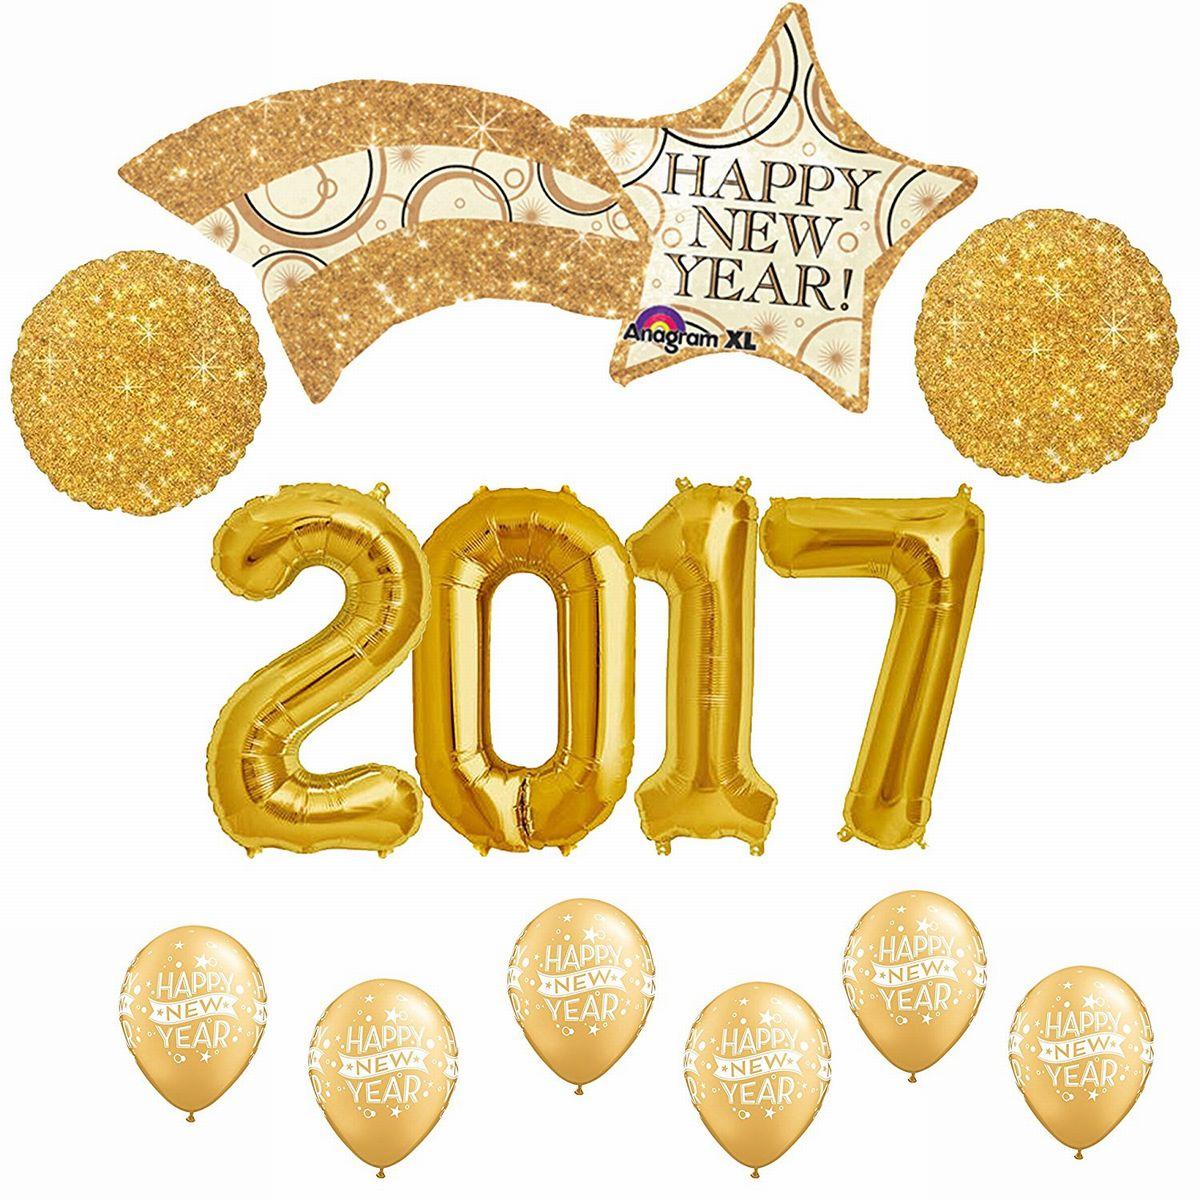 2017 バルーン 風船 金 ゴージャス 新年会 パーティ デコレーション 飾り 装飾 インテリア